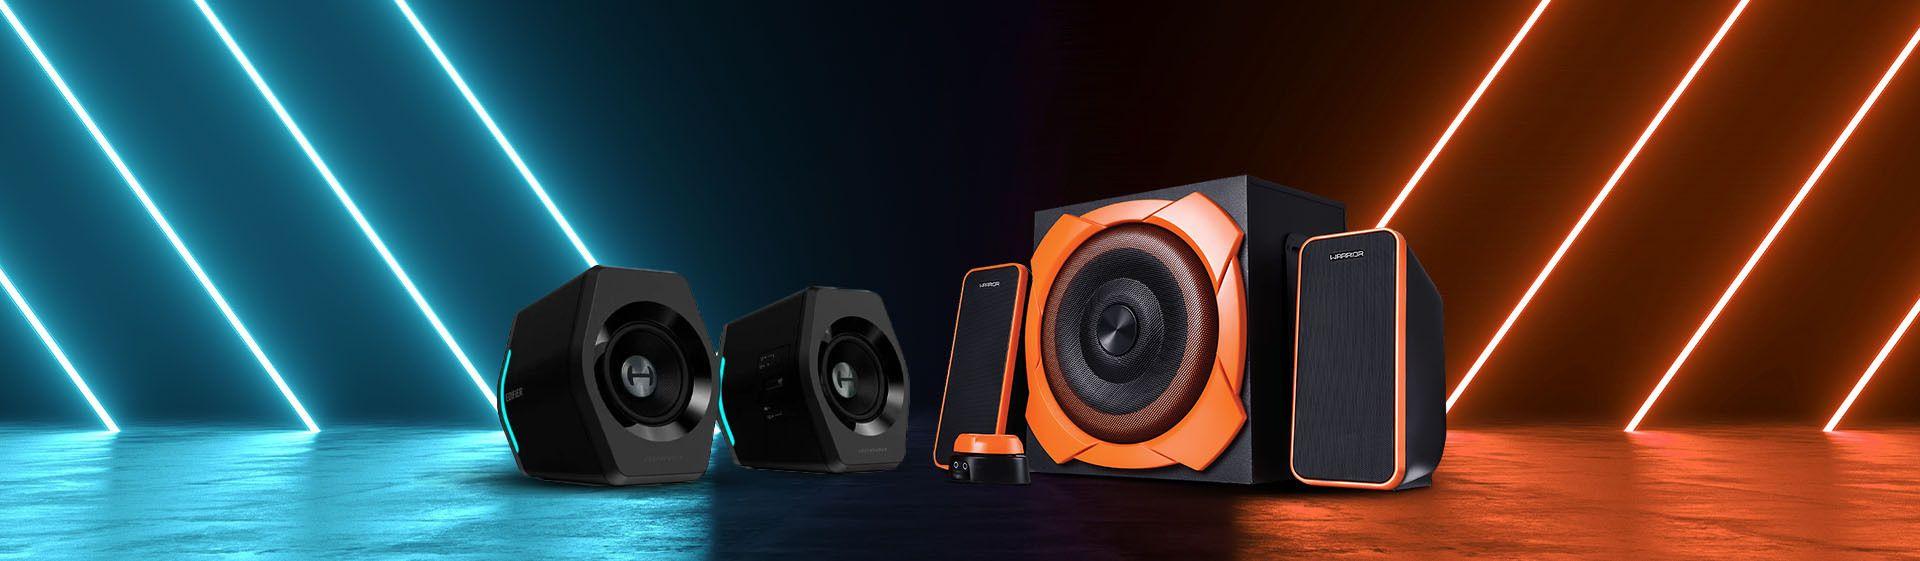 Melhor caixa de som para PC: 6 opções para comprar em 2021